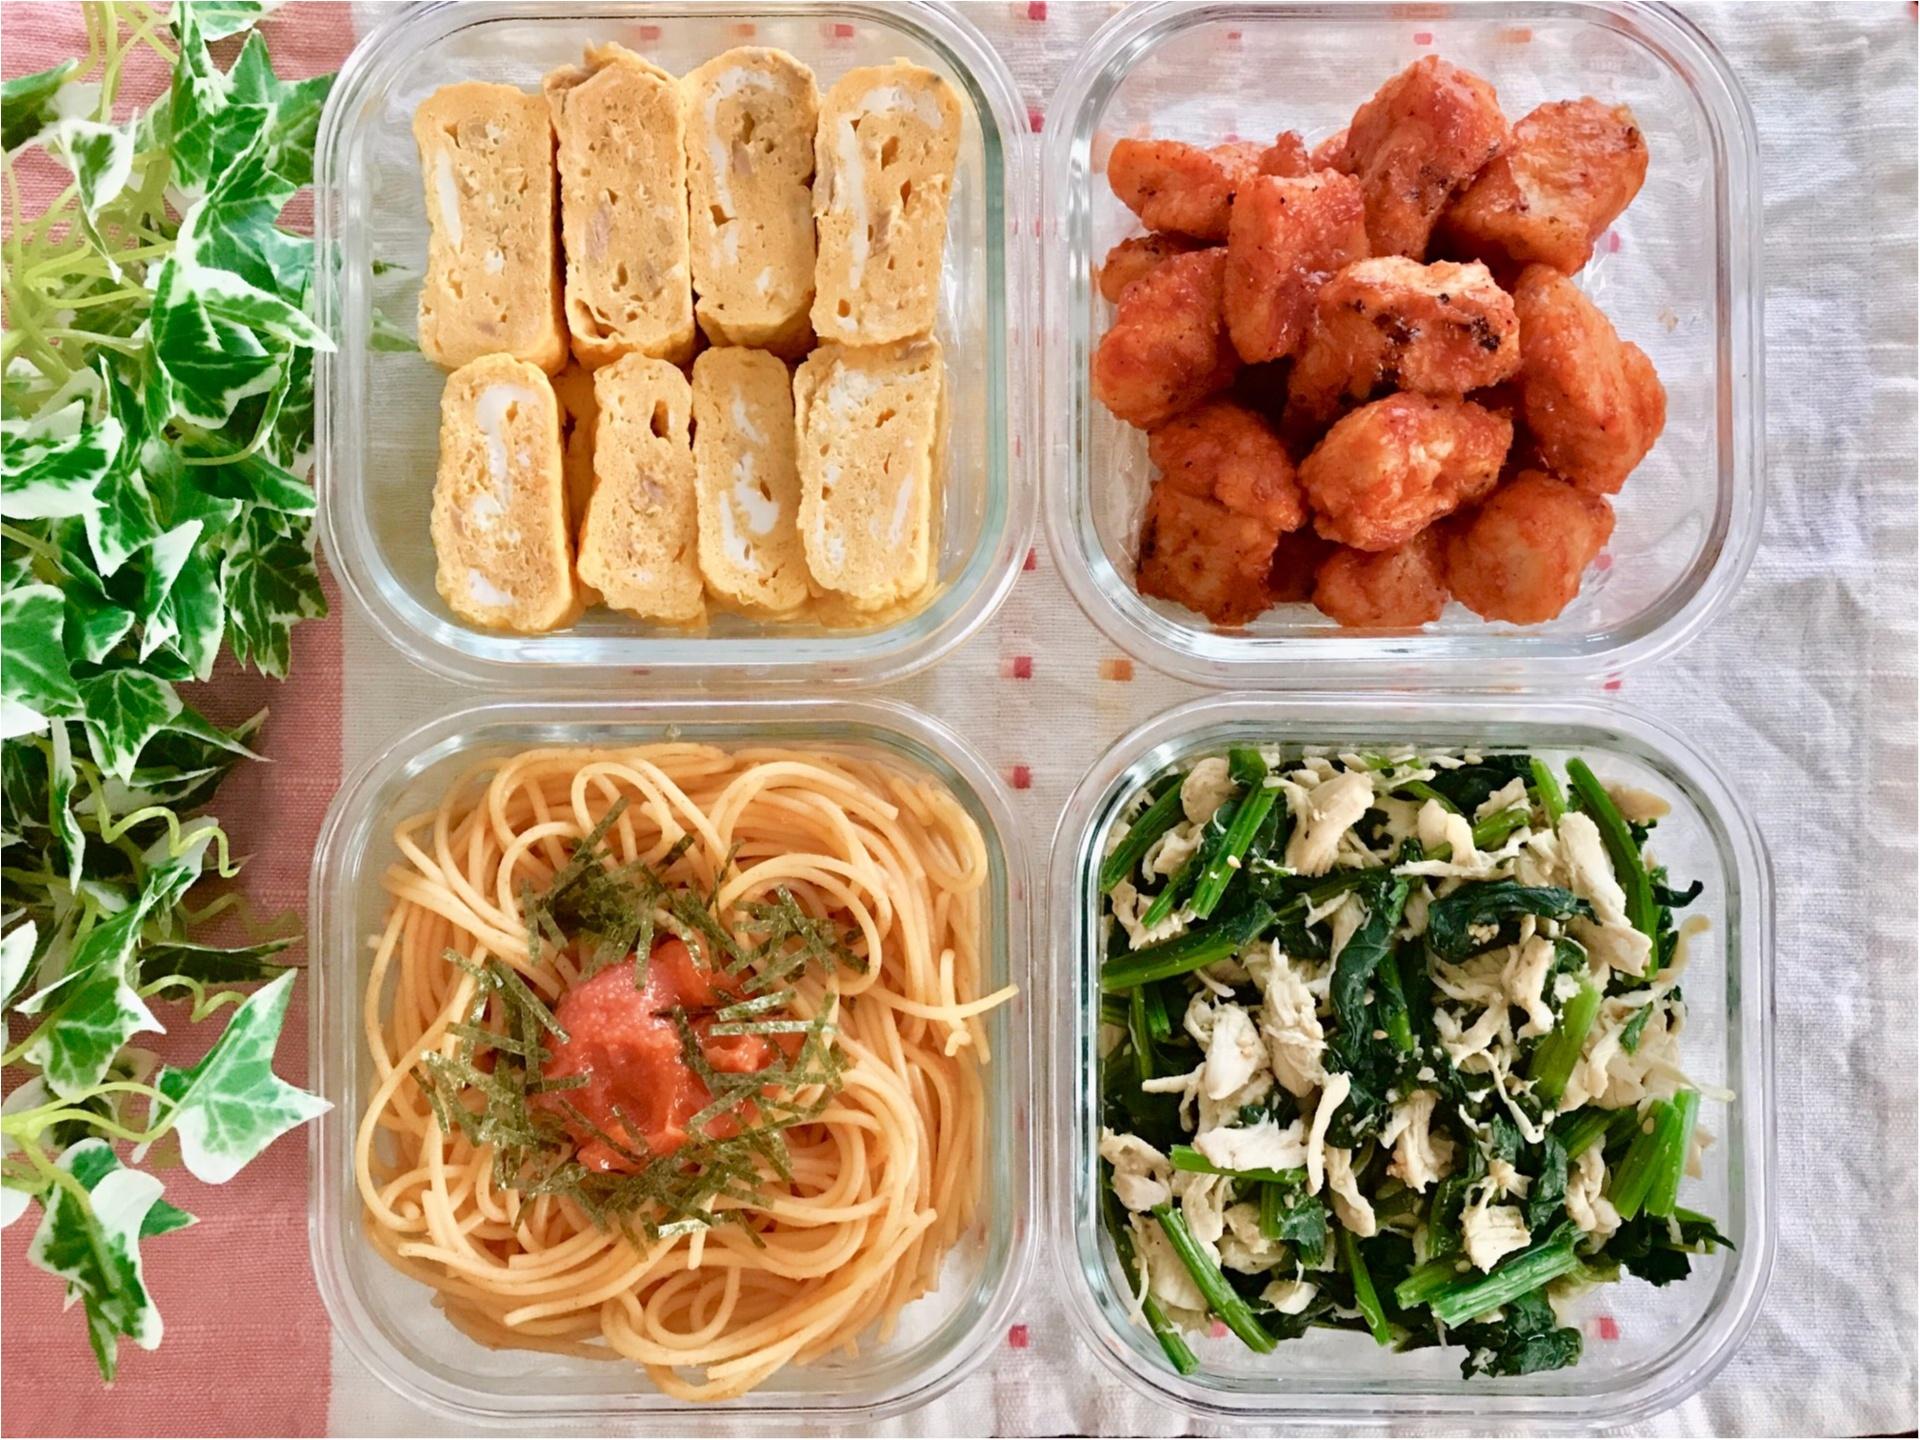 【作り置きおかず】お弁当作りに大活躍!超簡単★常備菜レシピをご紹介♡〜第17弾〜_1